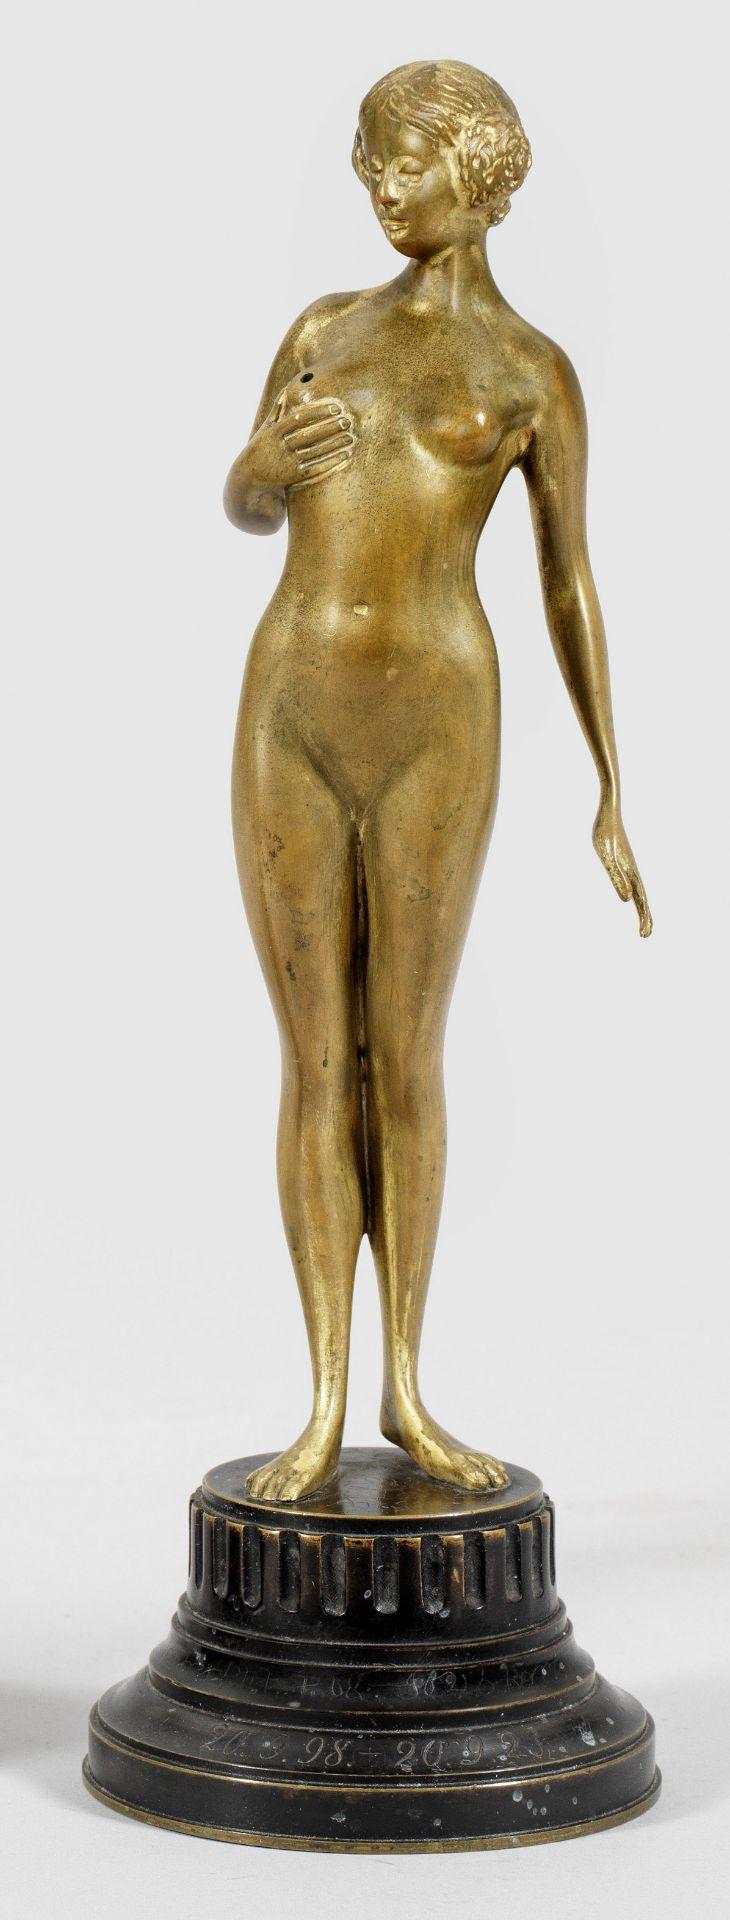 Deutscher Bildhauer des Jugendstils